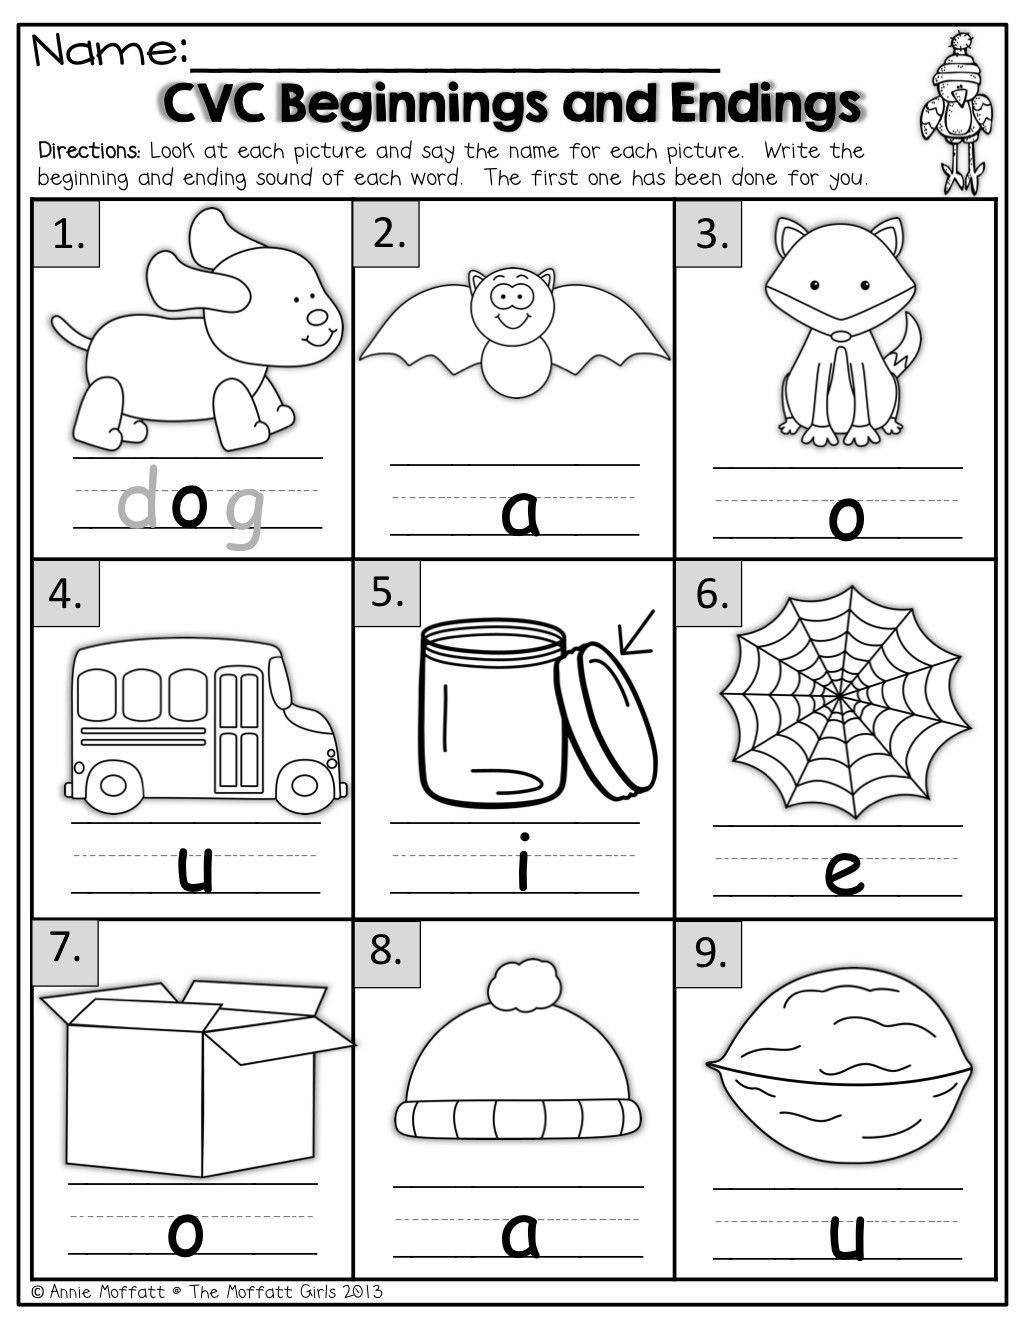 Ending Sound Worksheets For Kindergarten Worksheet For Kindergarten Kindergarten Language Arts Language Arts Worksheets Kindergarten Language [ 1325 x 1024 Pixel ]